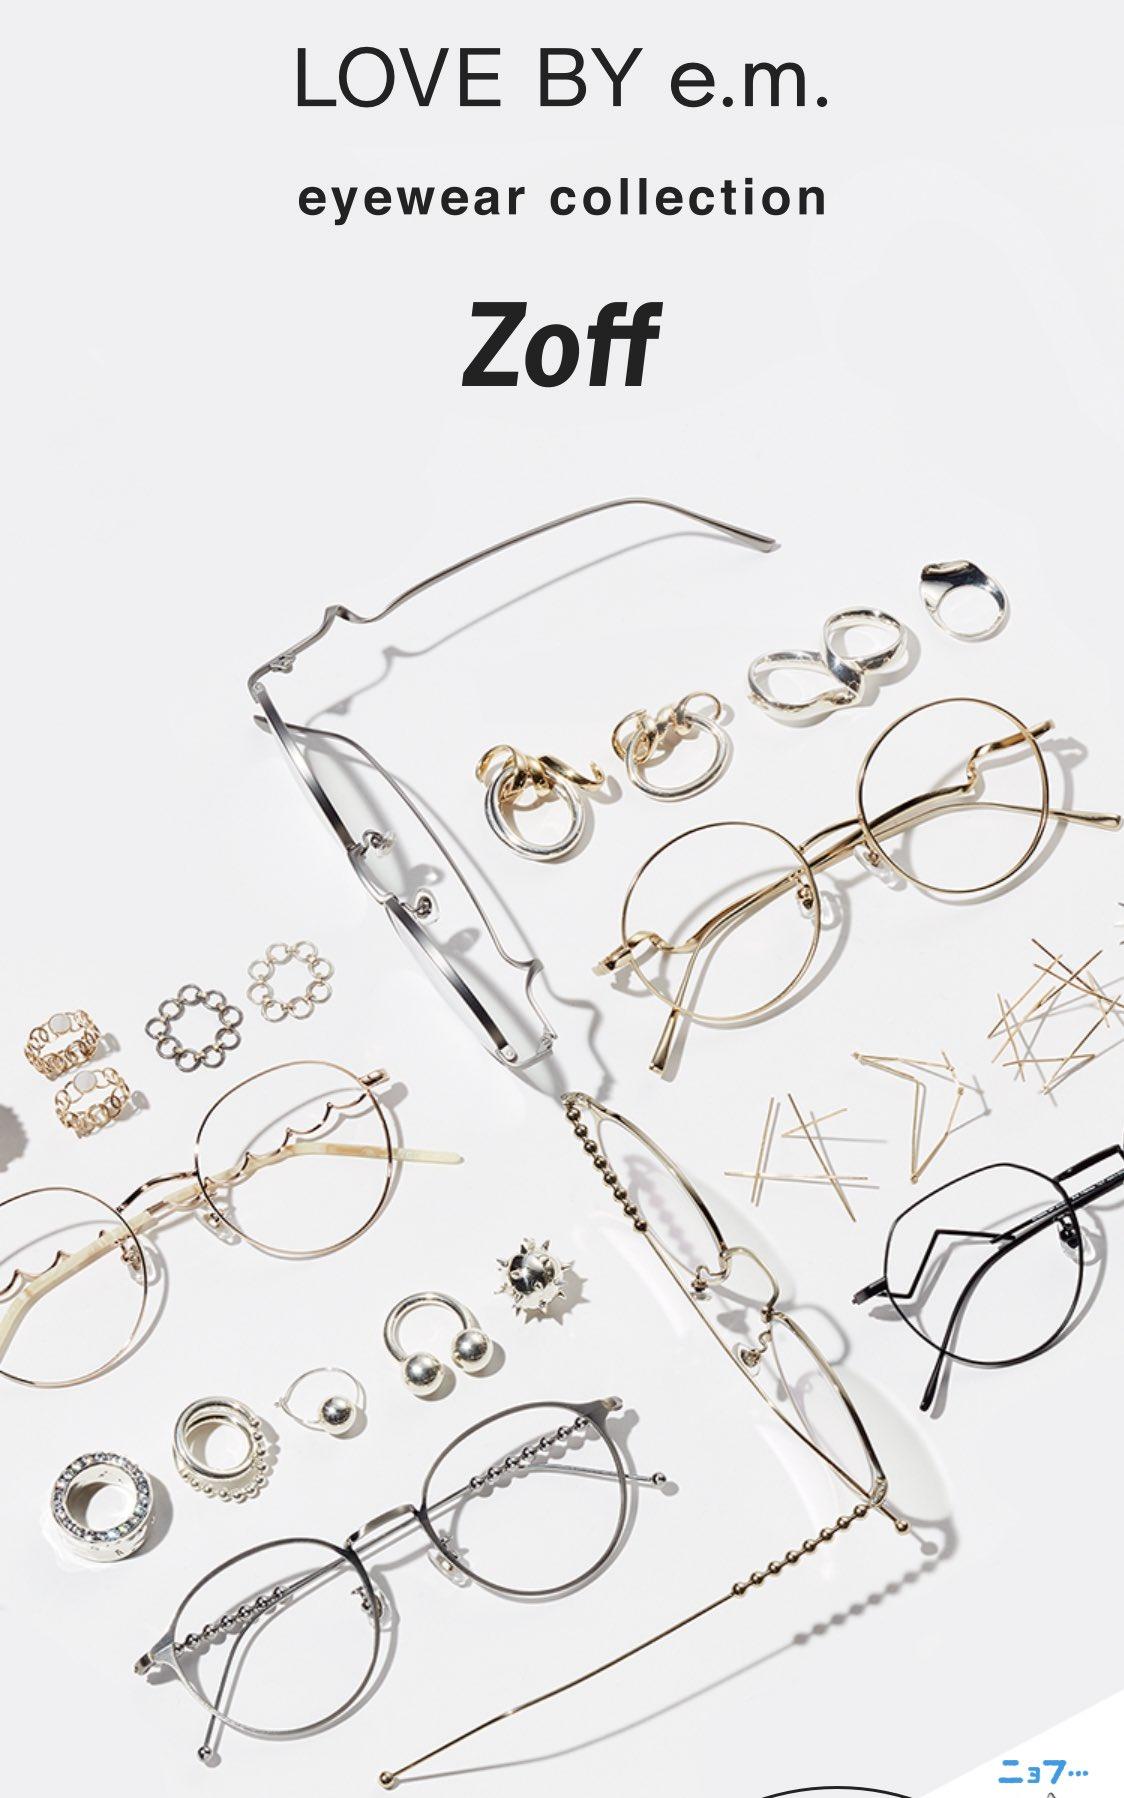 普段メガネは最小限しか買わない民だけど、これはさすがに可愛すぎて(メガネ新しいの買ったばかりだけど…)2種類予約購入してしまいました……デザインの勝利……。